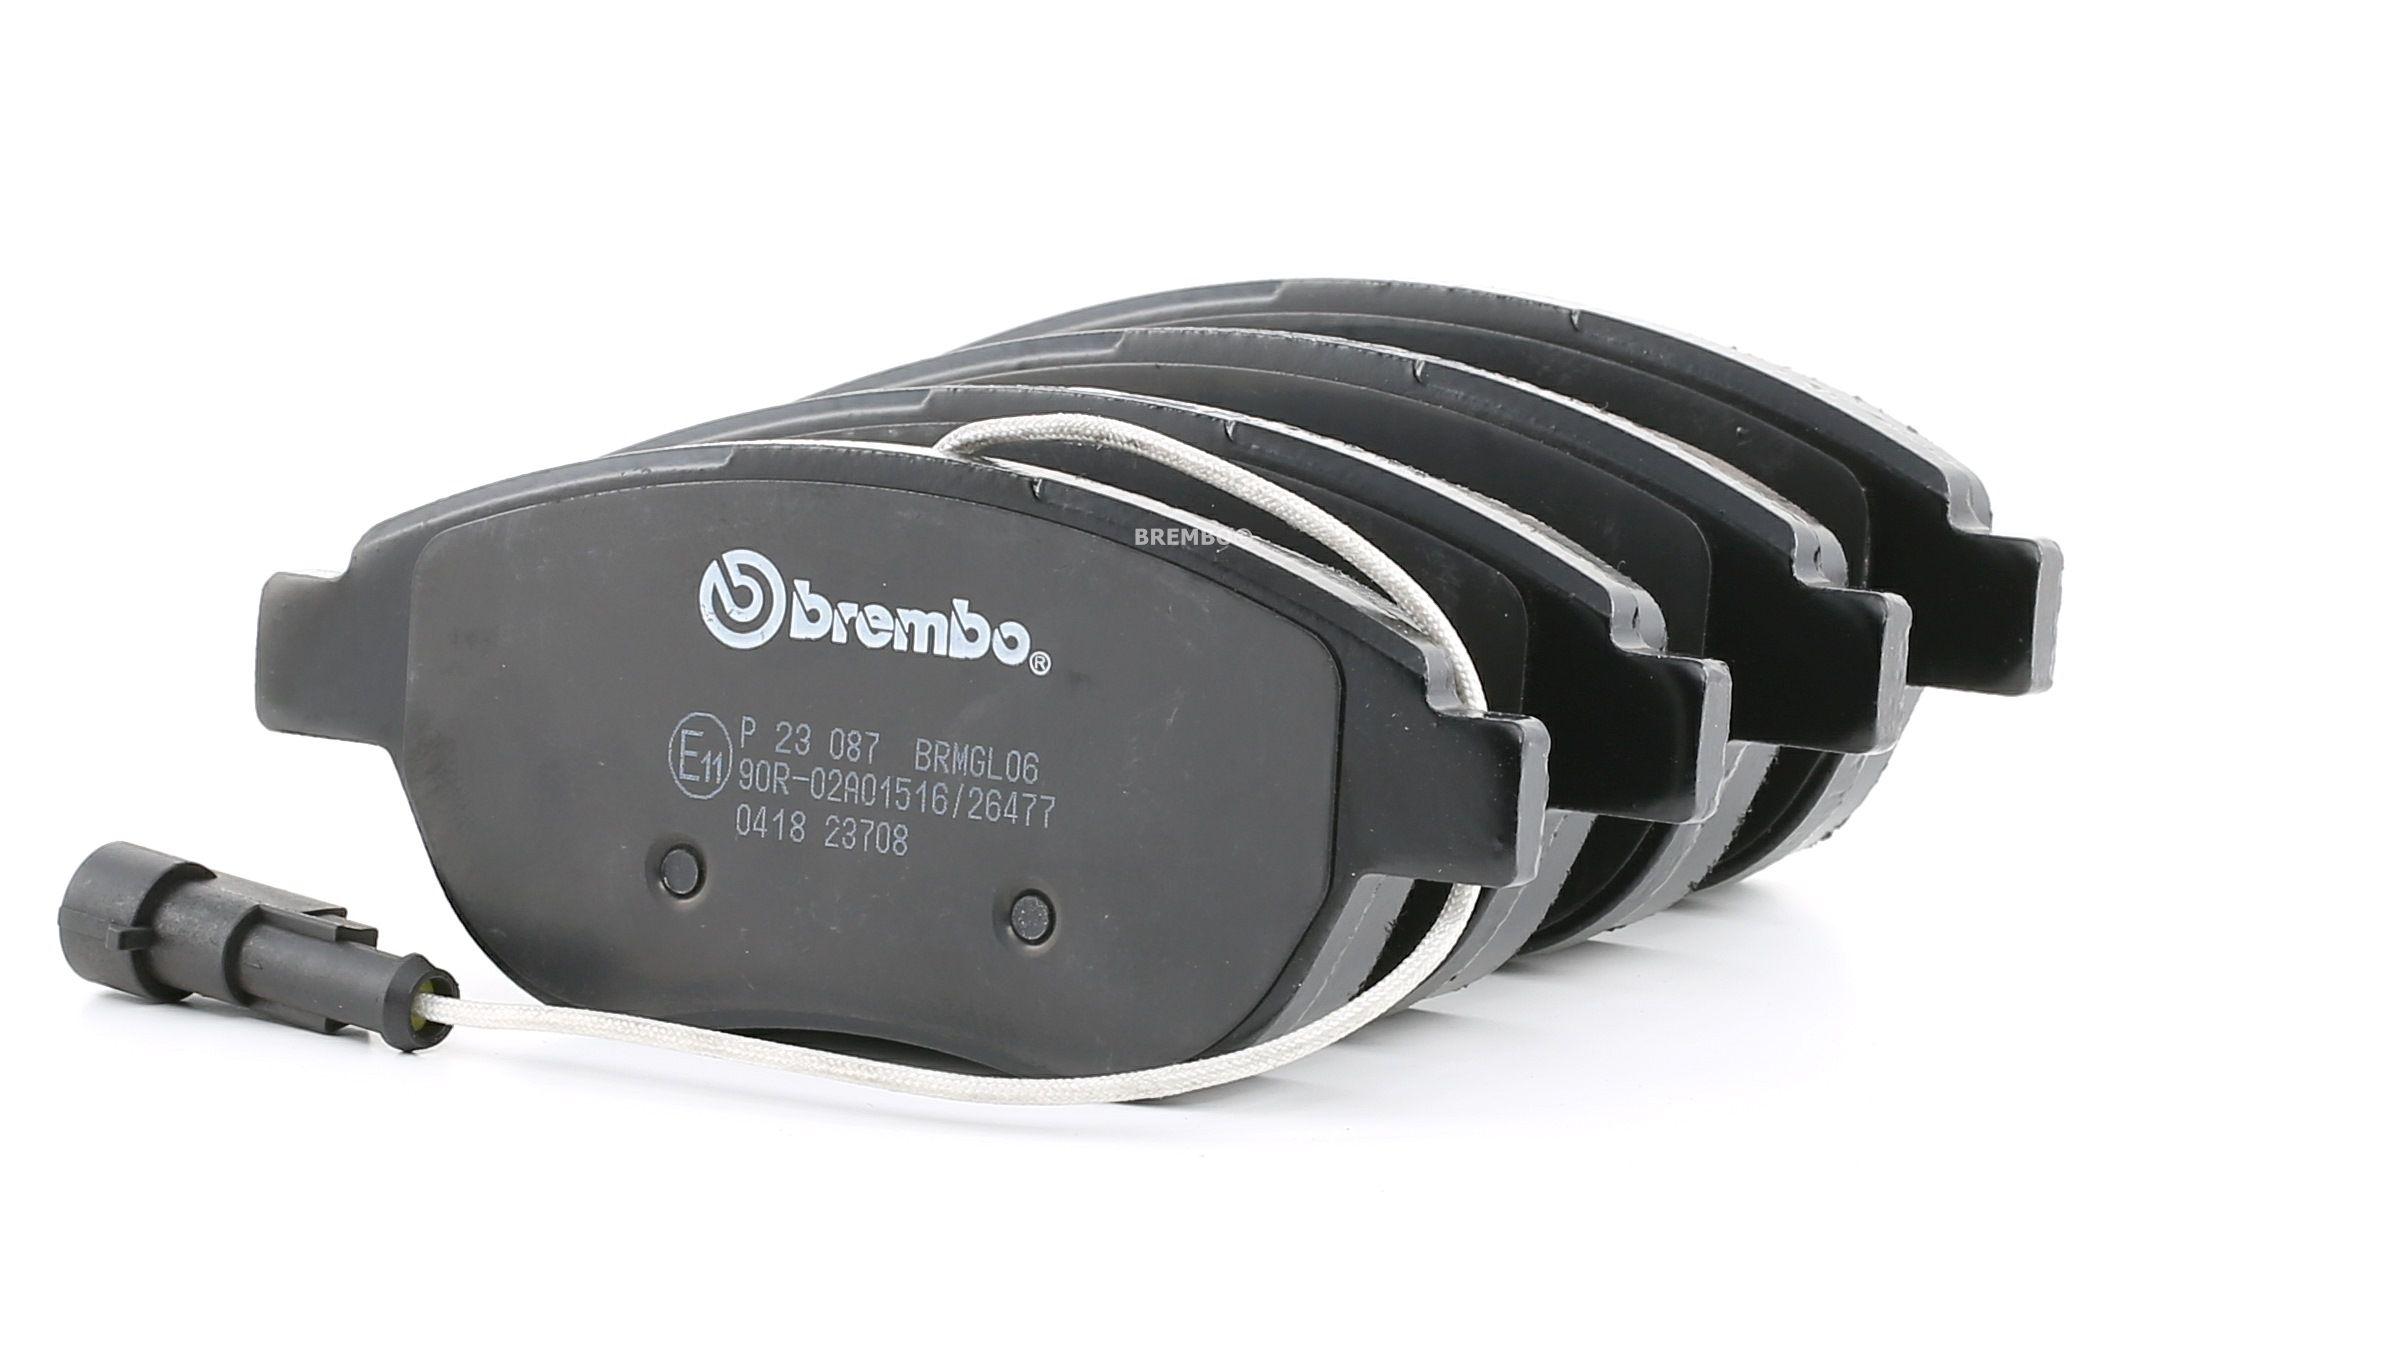 BREMBO: Original Bremsklötze P 23 087 (Höhe: 57,4mm, Breite: 137mm, Dicke/Stärke: 19,0mm)